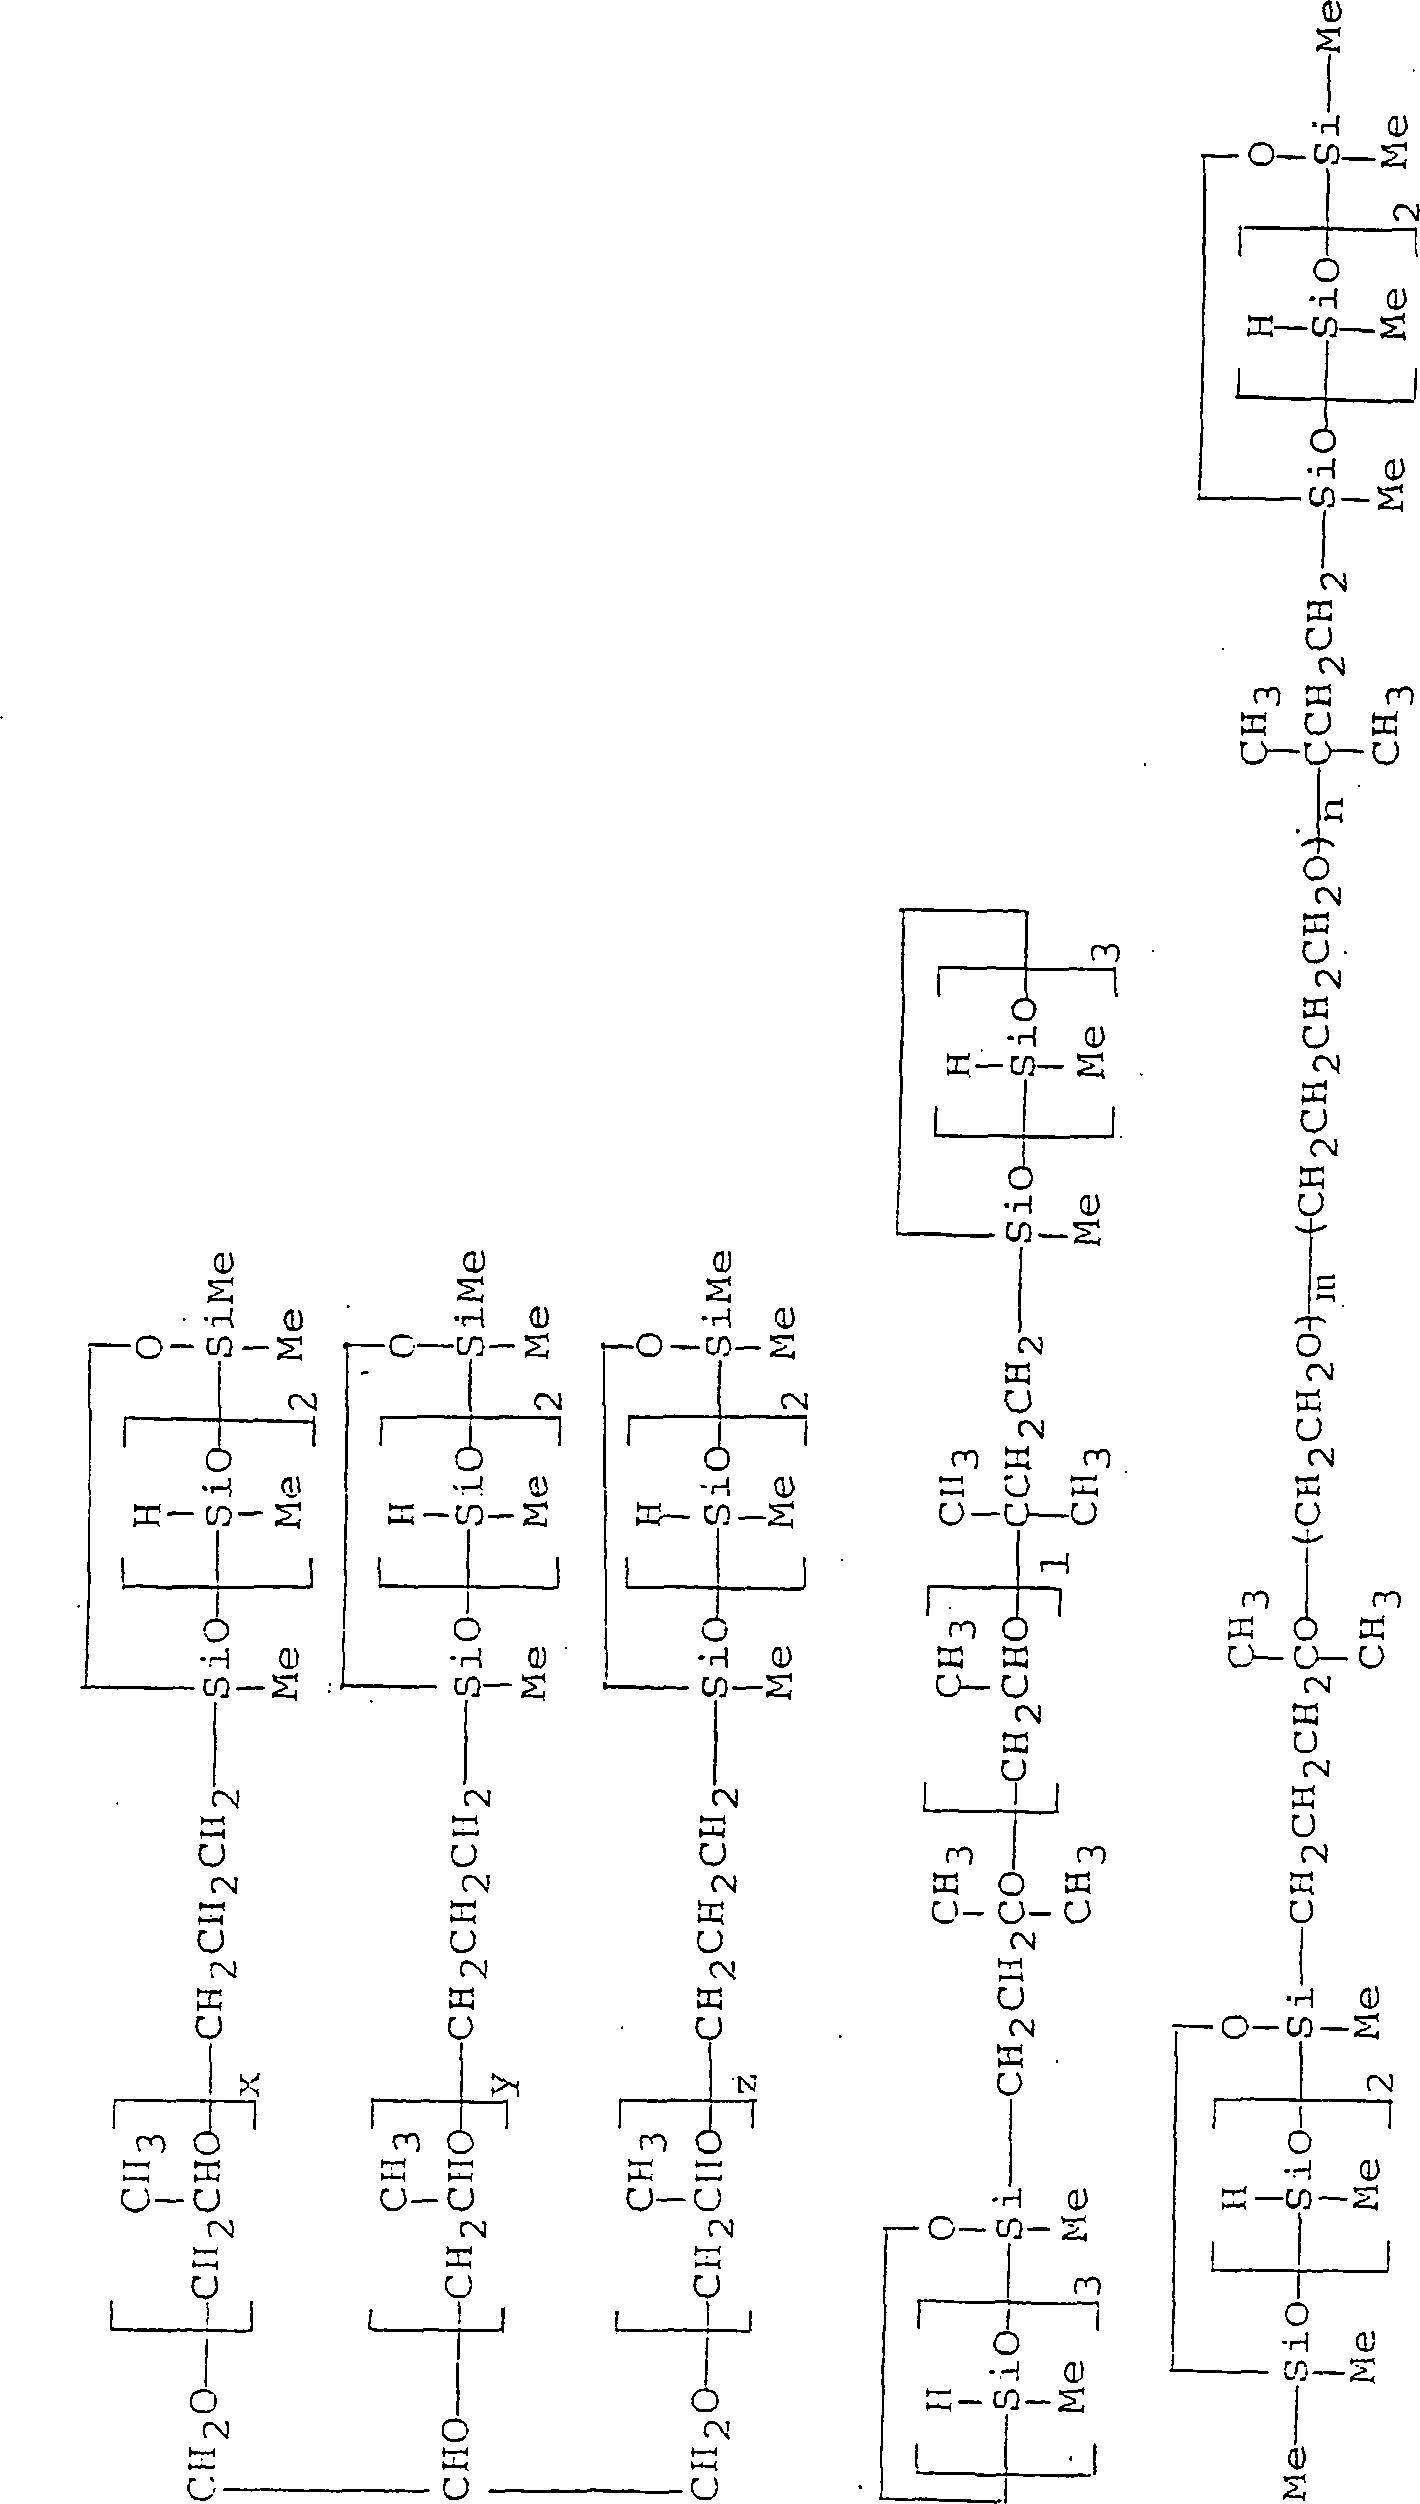 Figure DE000019719438C5_0036